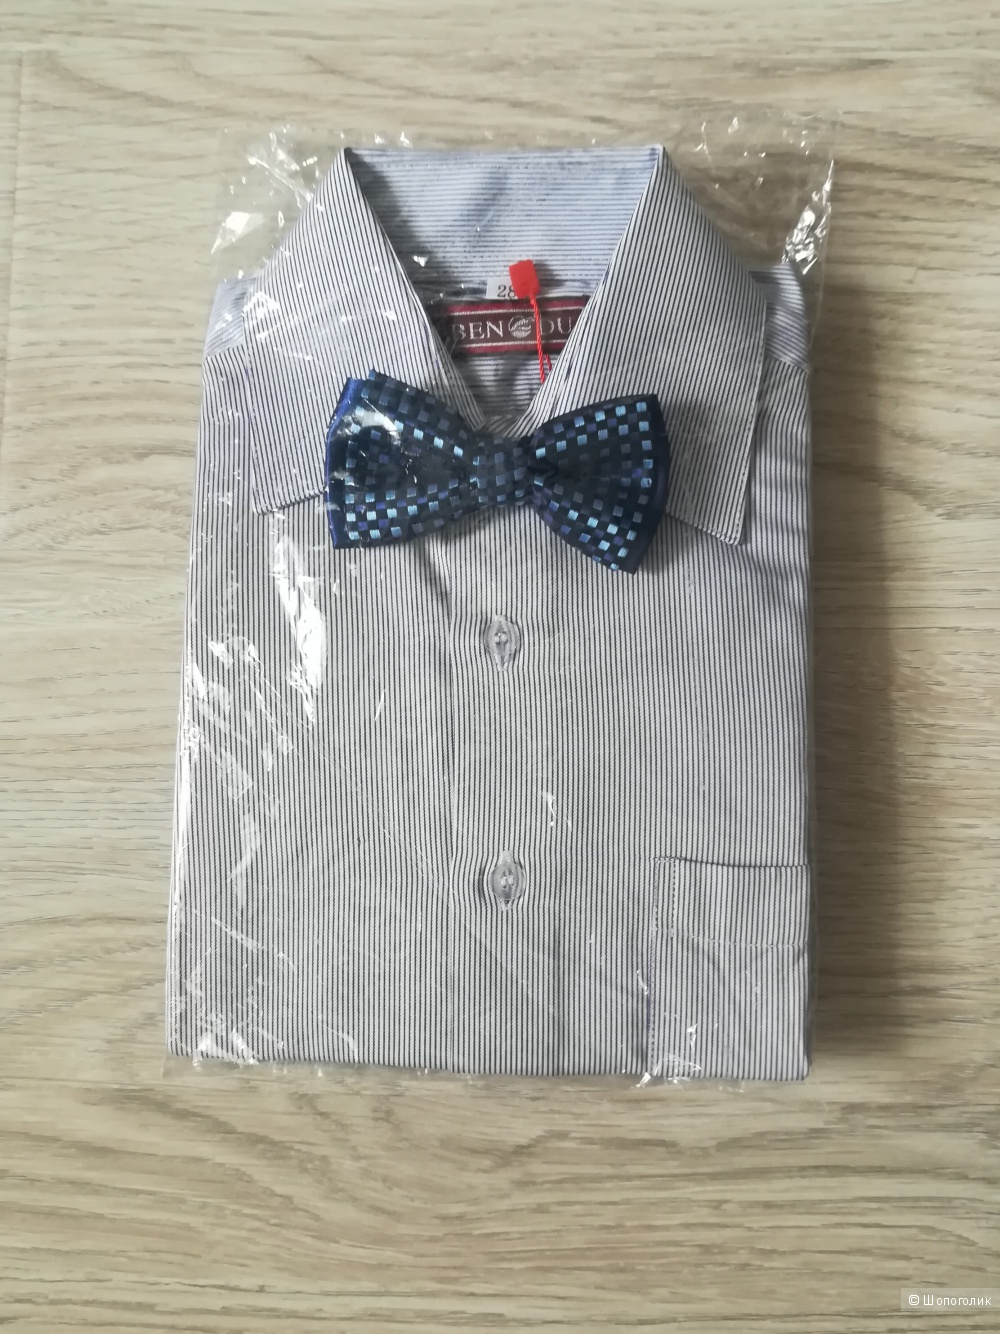 Детская рубашка с бабочкой BENDU размер 28